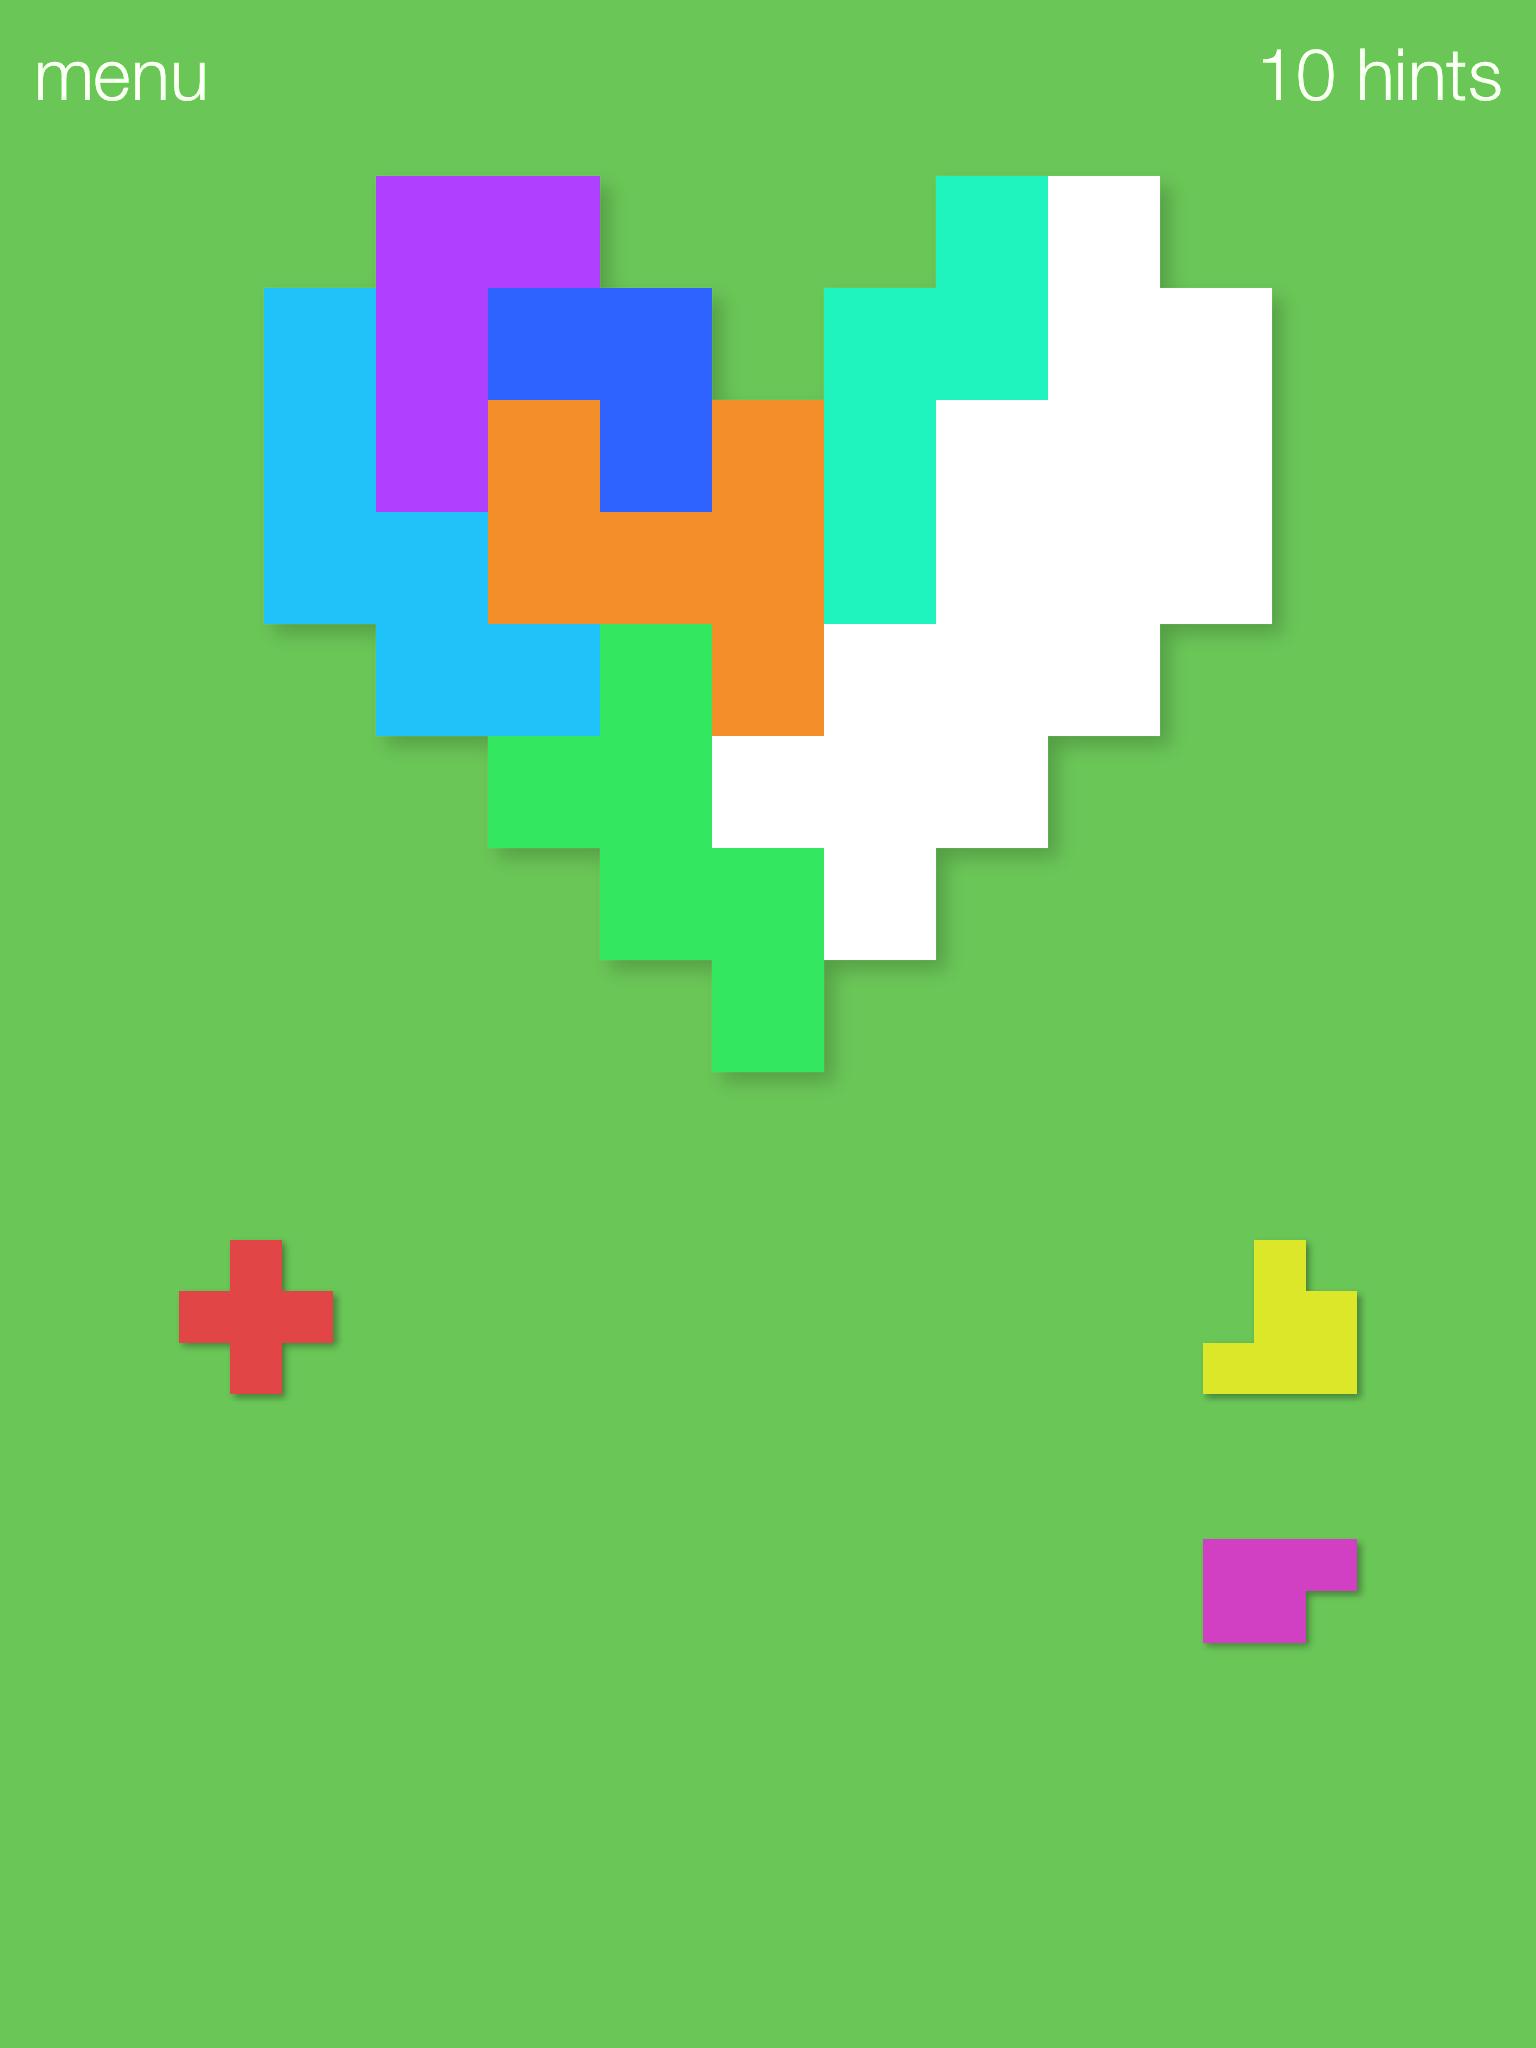 PuzzleBits screenshot #6